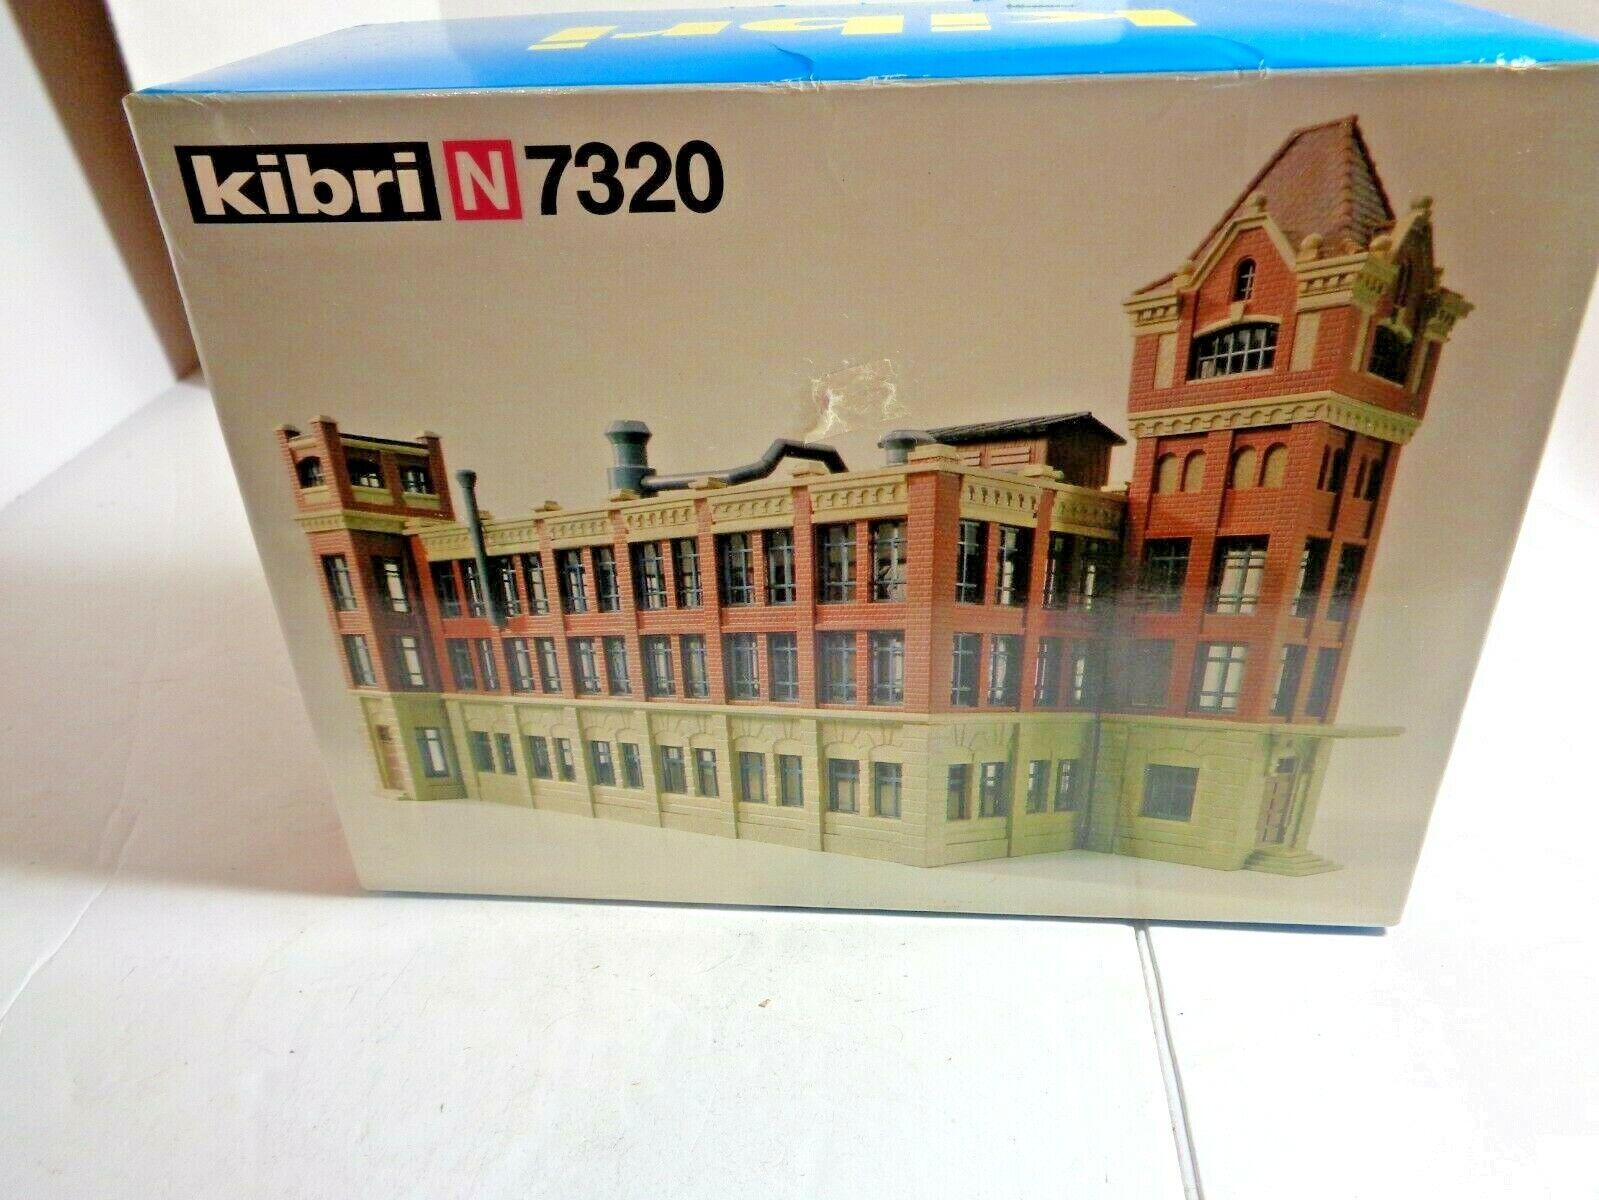 Kibri SCALA N   N 7320 spielwarenfabrik GmbH giocattolo Factory nella casella